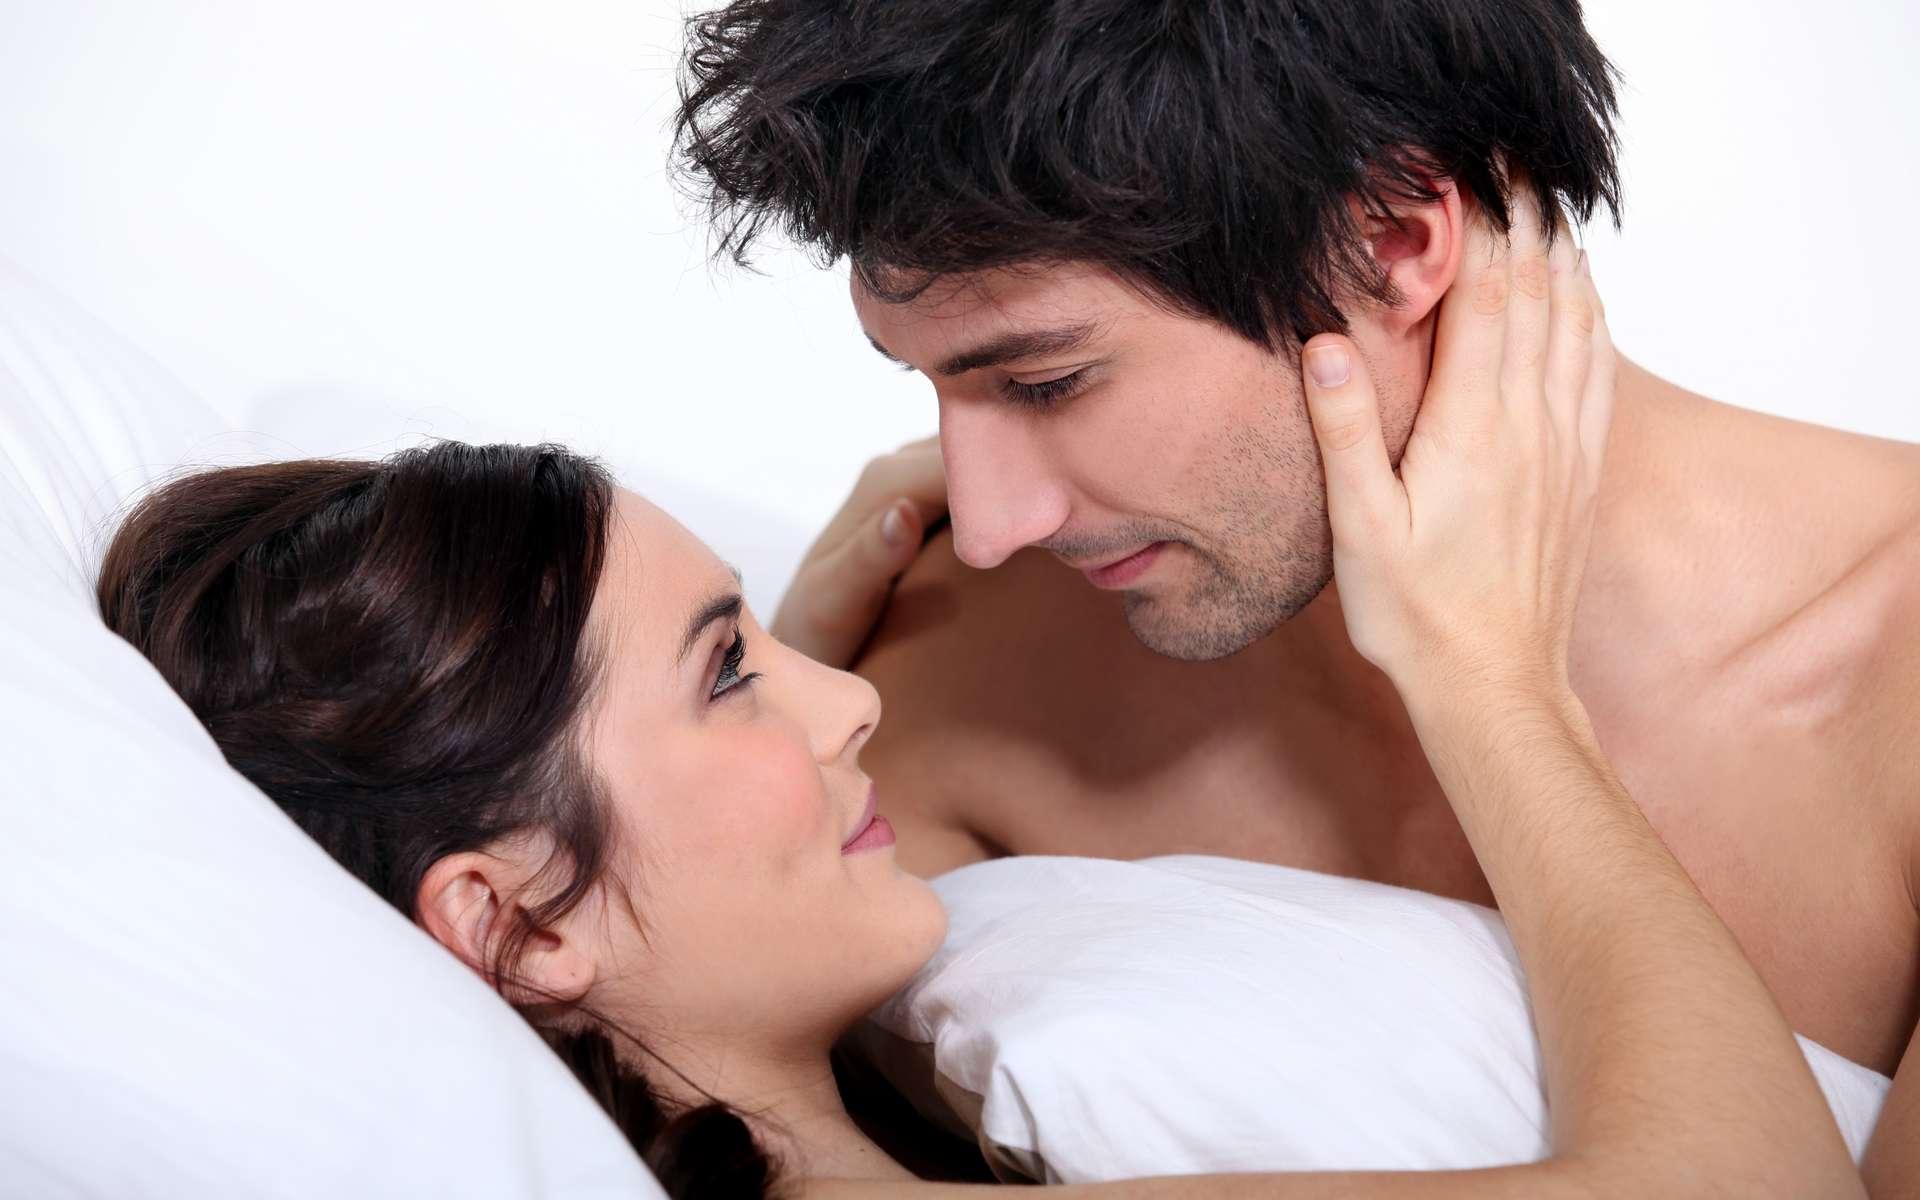 Après l'accouchement, l'important est de reprendre les rapports sexuels en douceur. © Phovoir